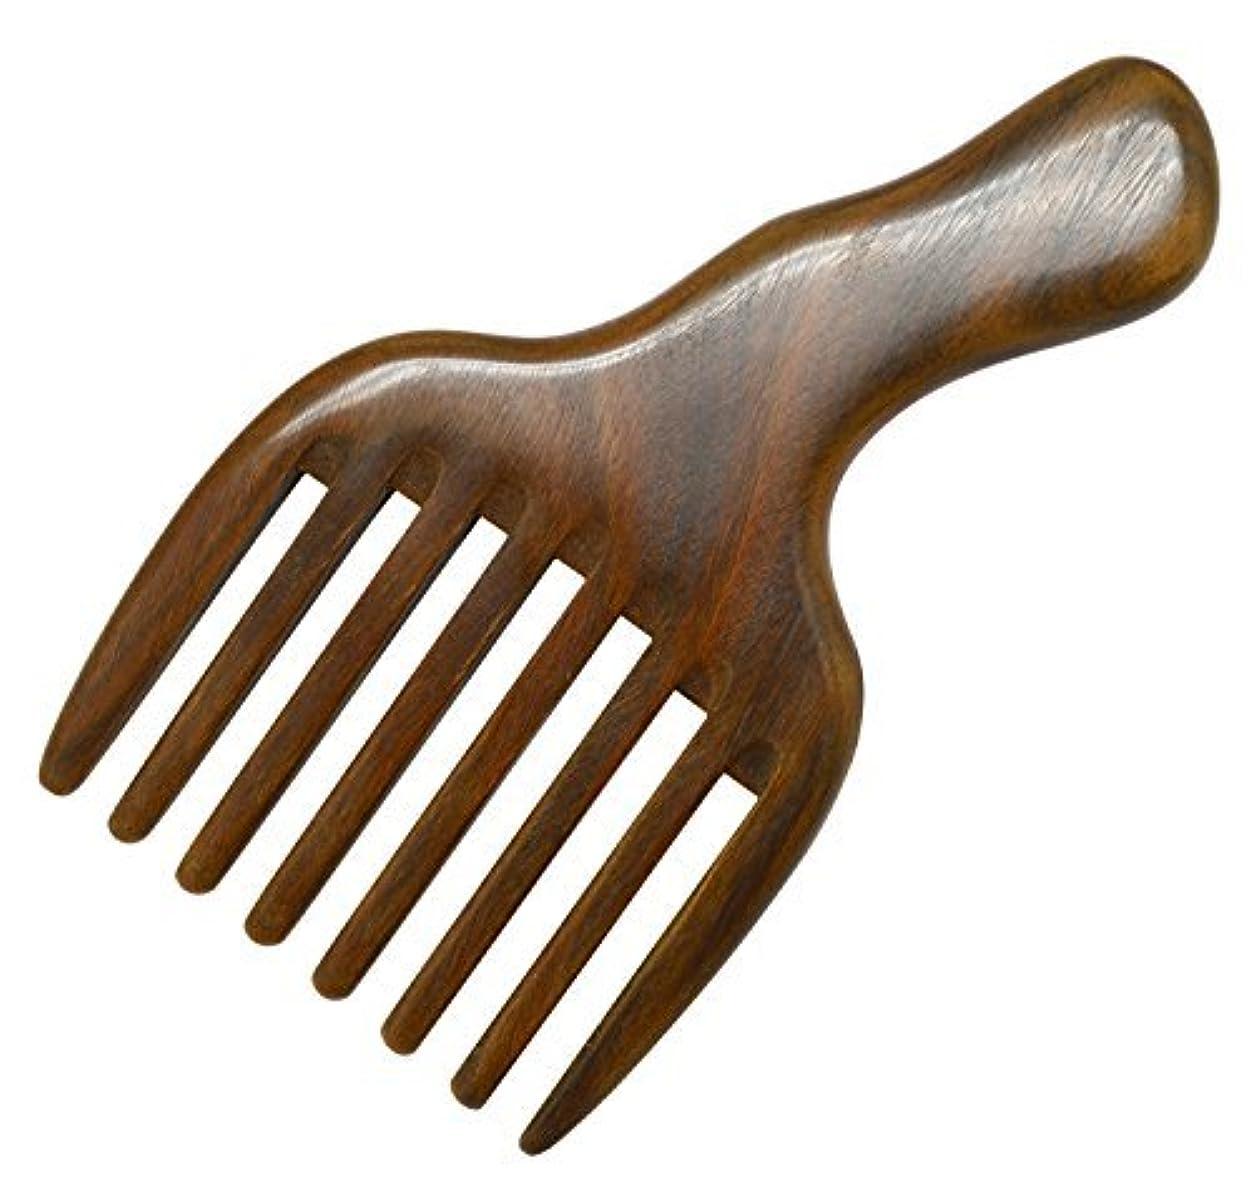 説教シンジケート口ひげMeta-C Hair/Beard Pick/Comb ? Made Of One Whole Piece Of Natural Green Sandal Wood With Fantastic Handle (Wide...